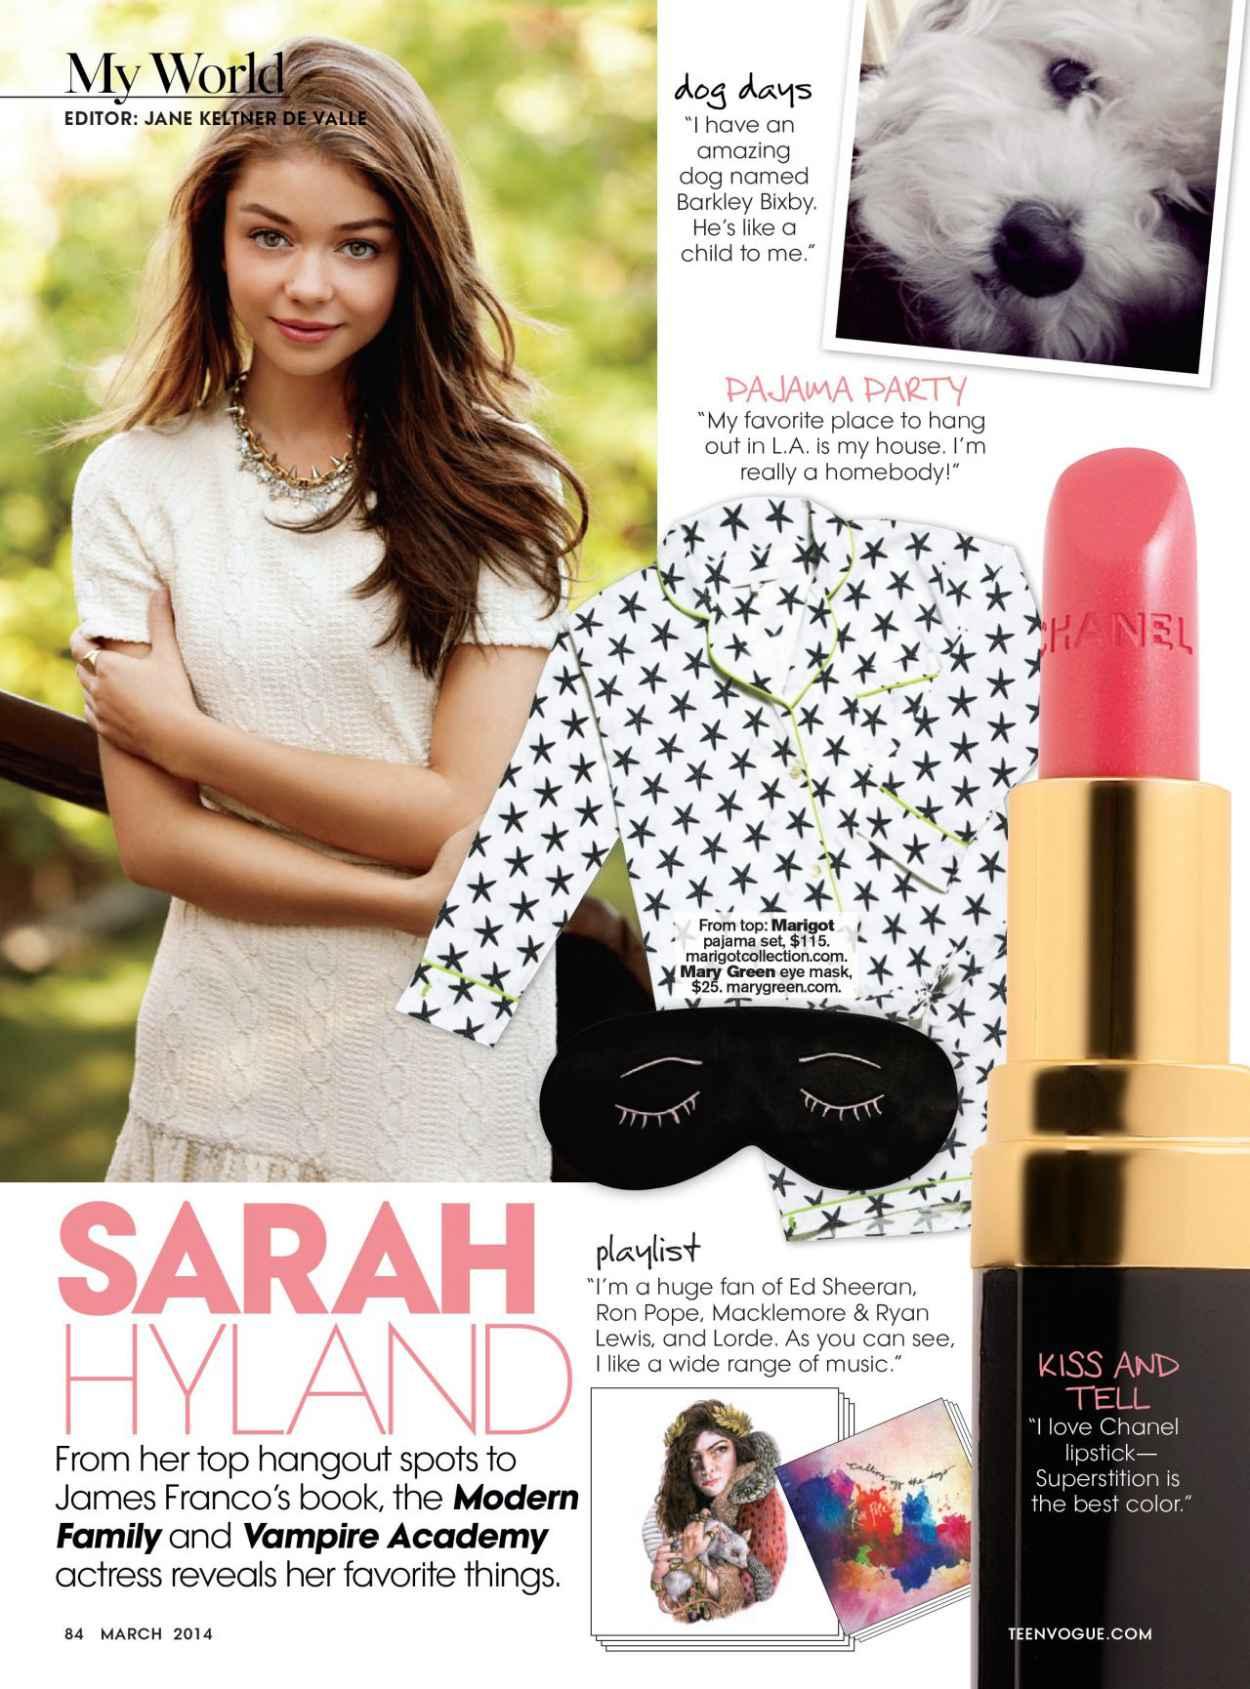 Sarah Hyland - TEEN VOGUE Magazine - March 2015 Issue-1